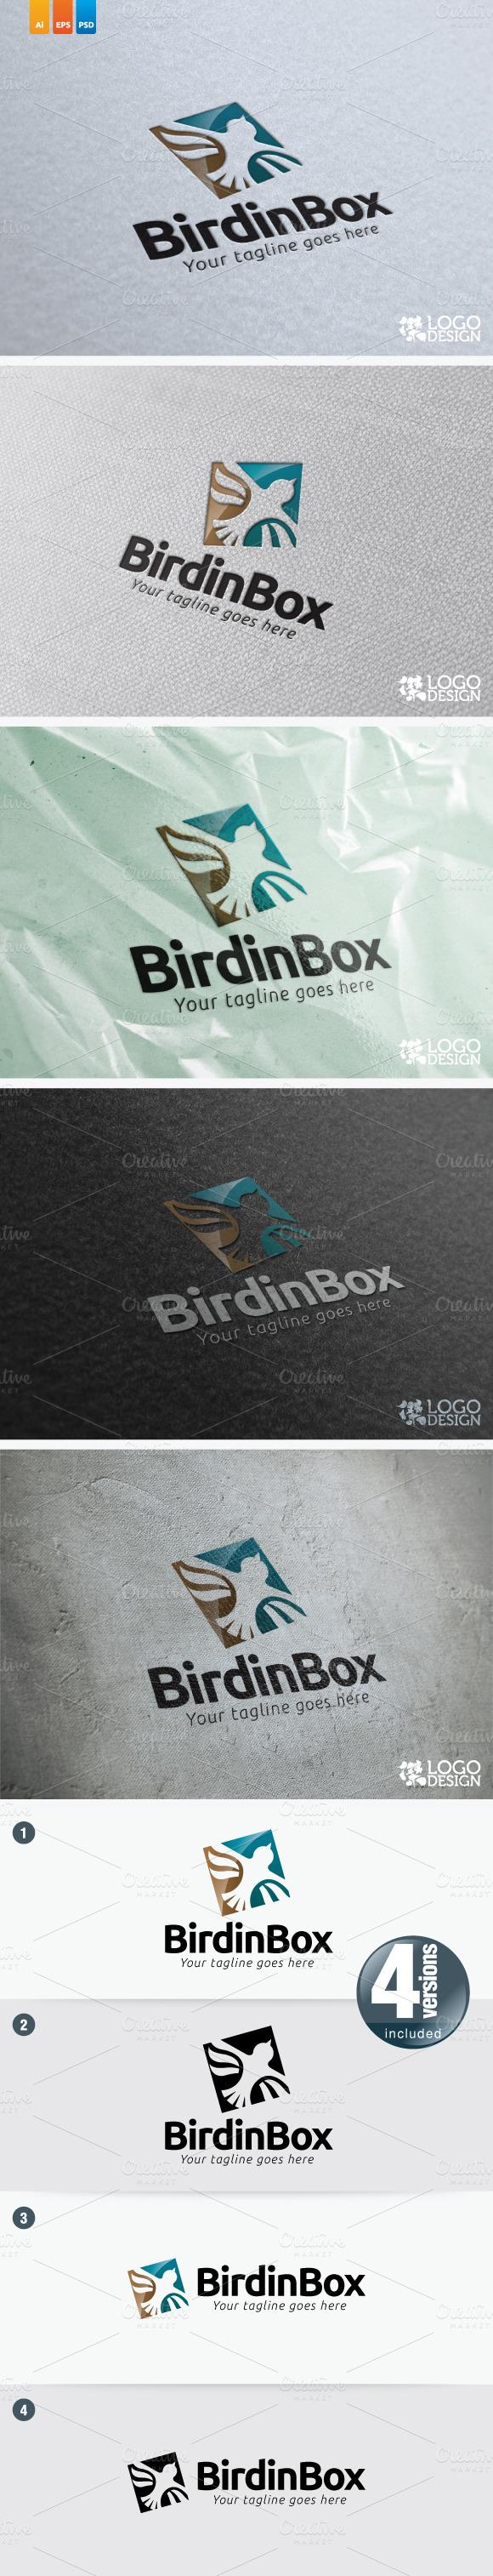 Bird In Box